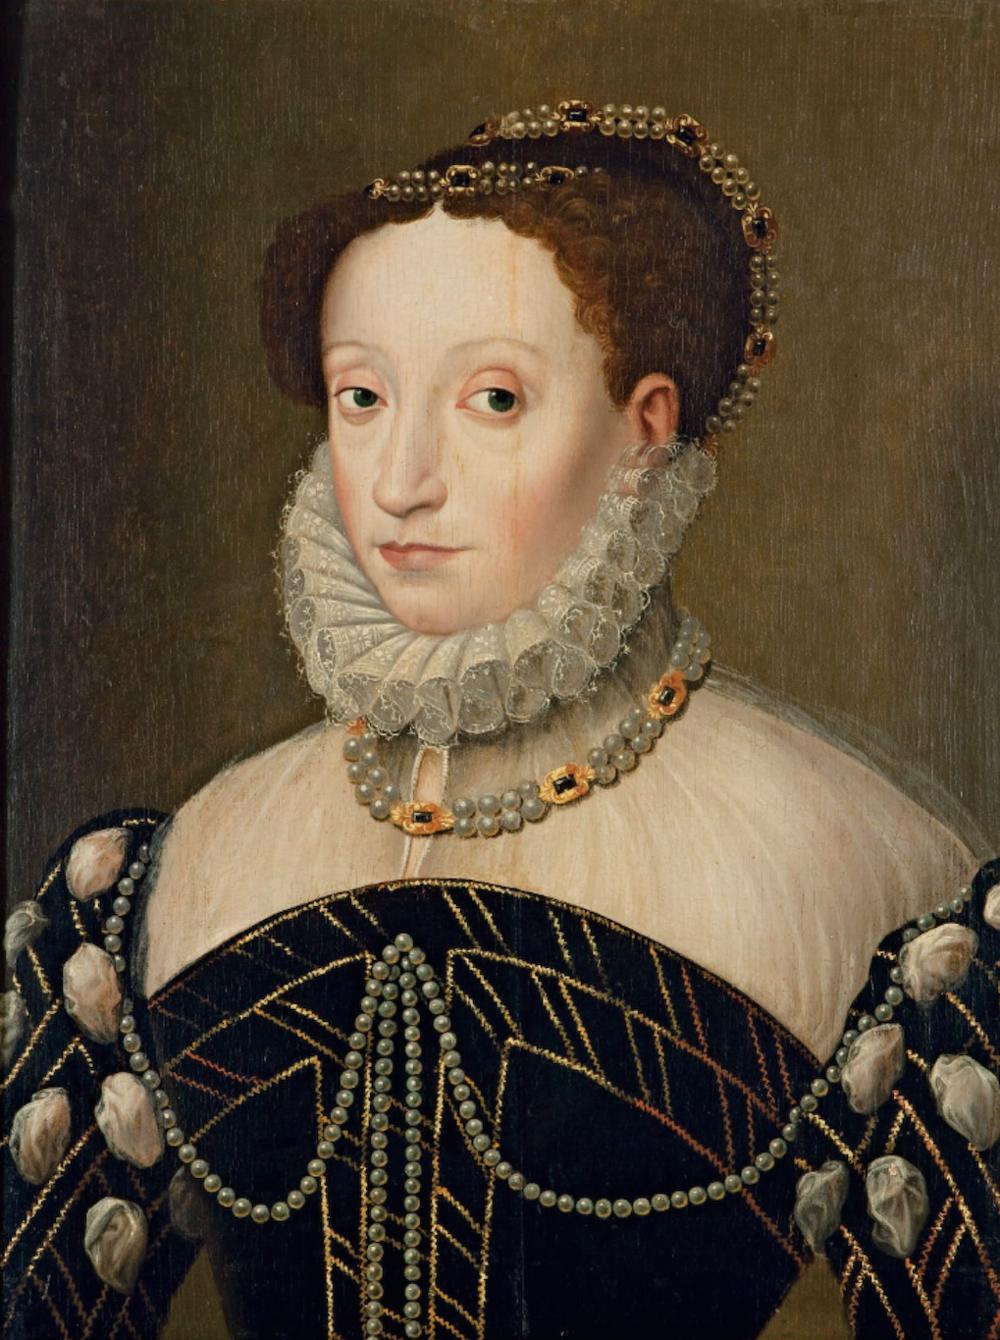 Catherine de Medici Portrait (Link on image to site of origin)